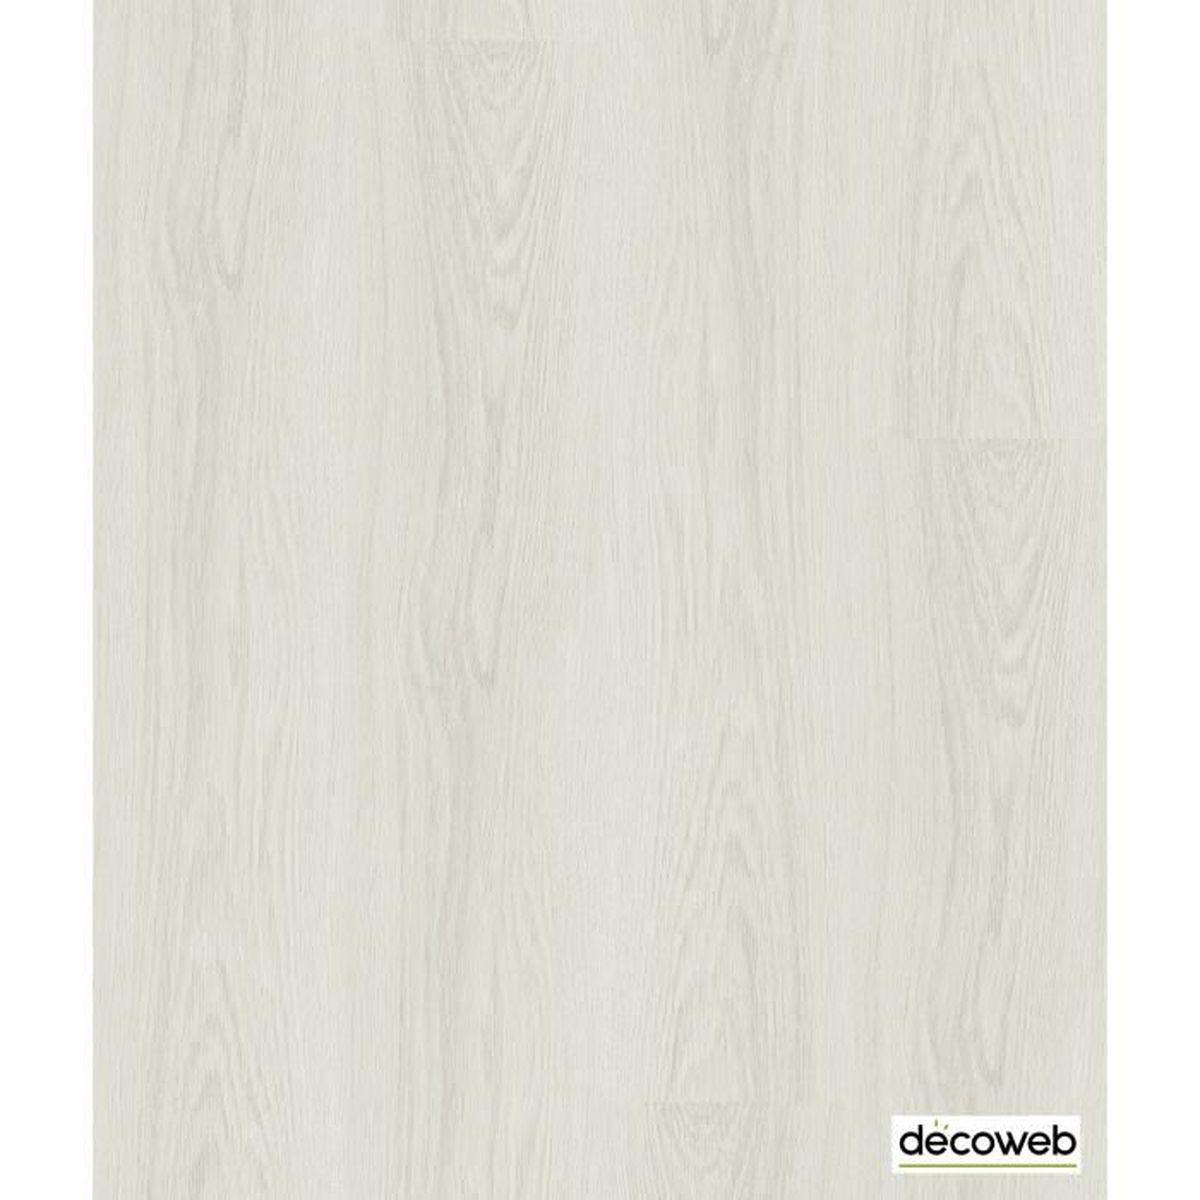 Parquet En Chene Blanchi lames sol pvc clipsables imitation parquet chêne blanchi